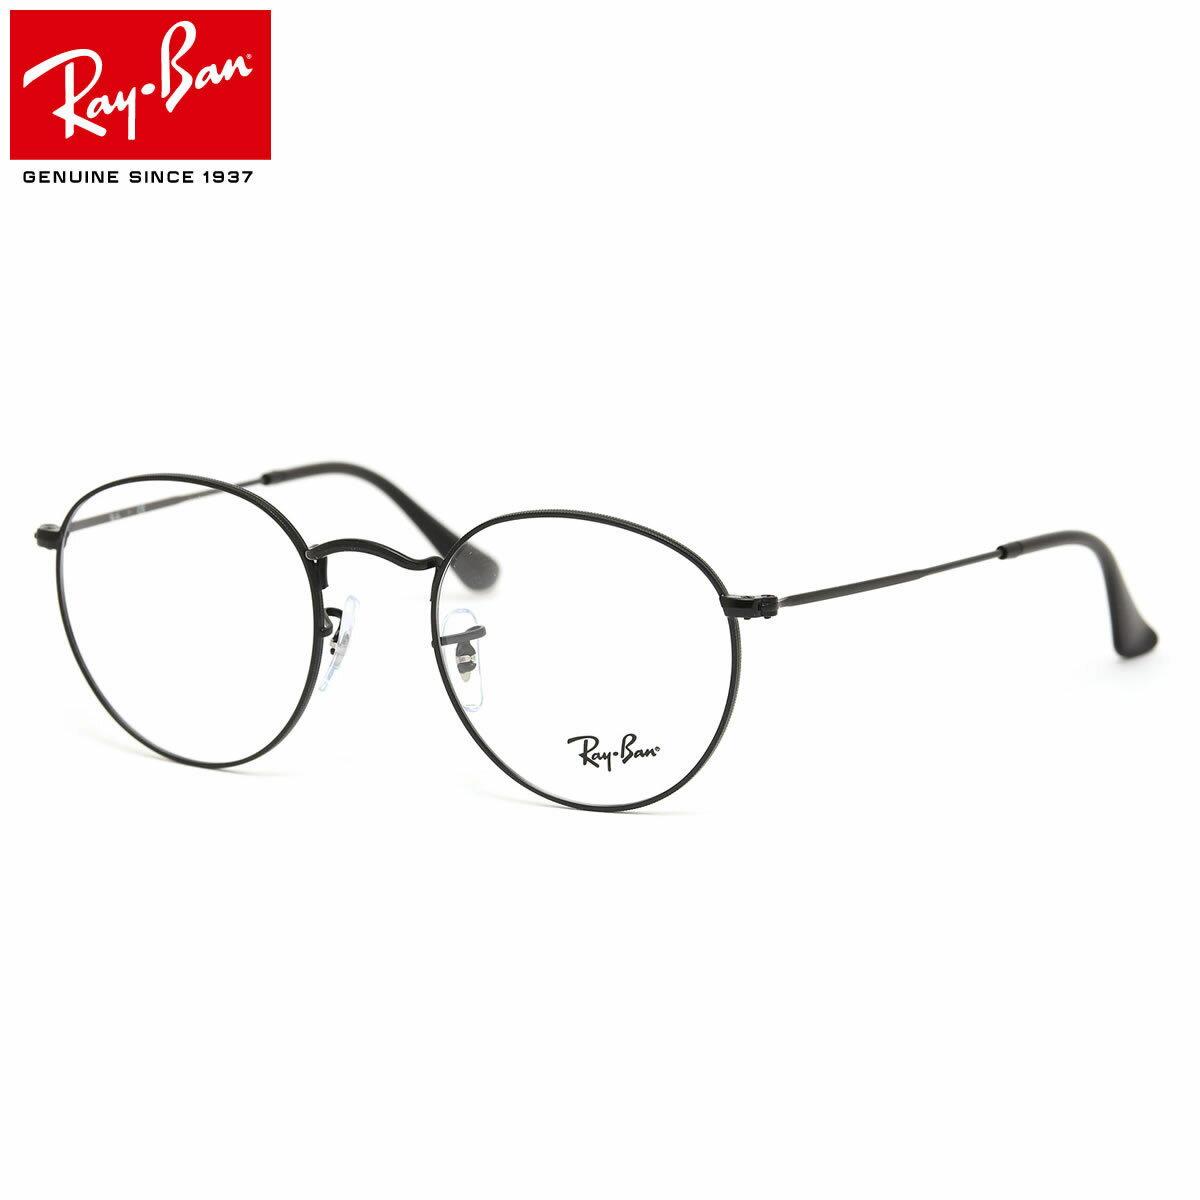 レイバン ラウンドメタル メガネ フレーム Ray-Ban RX3447V 2503 50サイズ ラウンド 丸メガネ フレーム ROUND レイバン RAYBAN ROUND METAL メンズ レディース